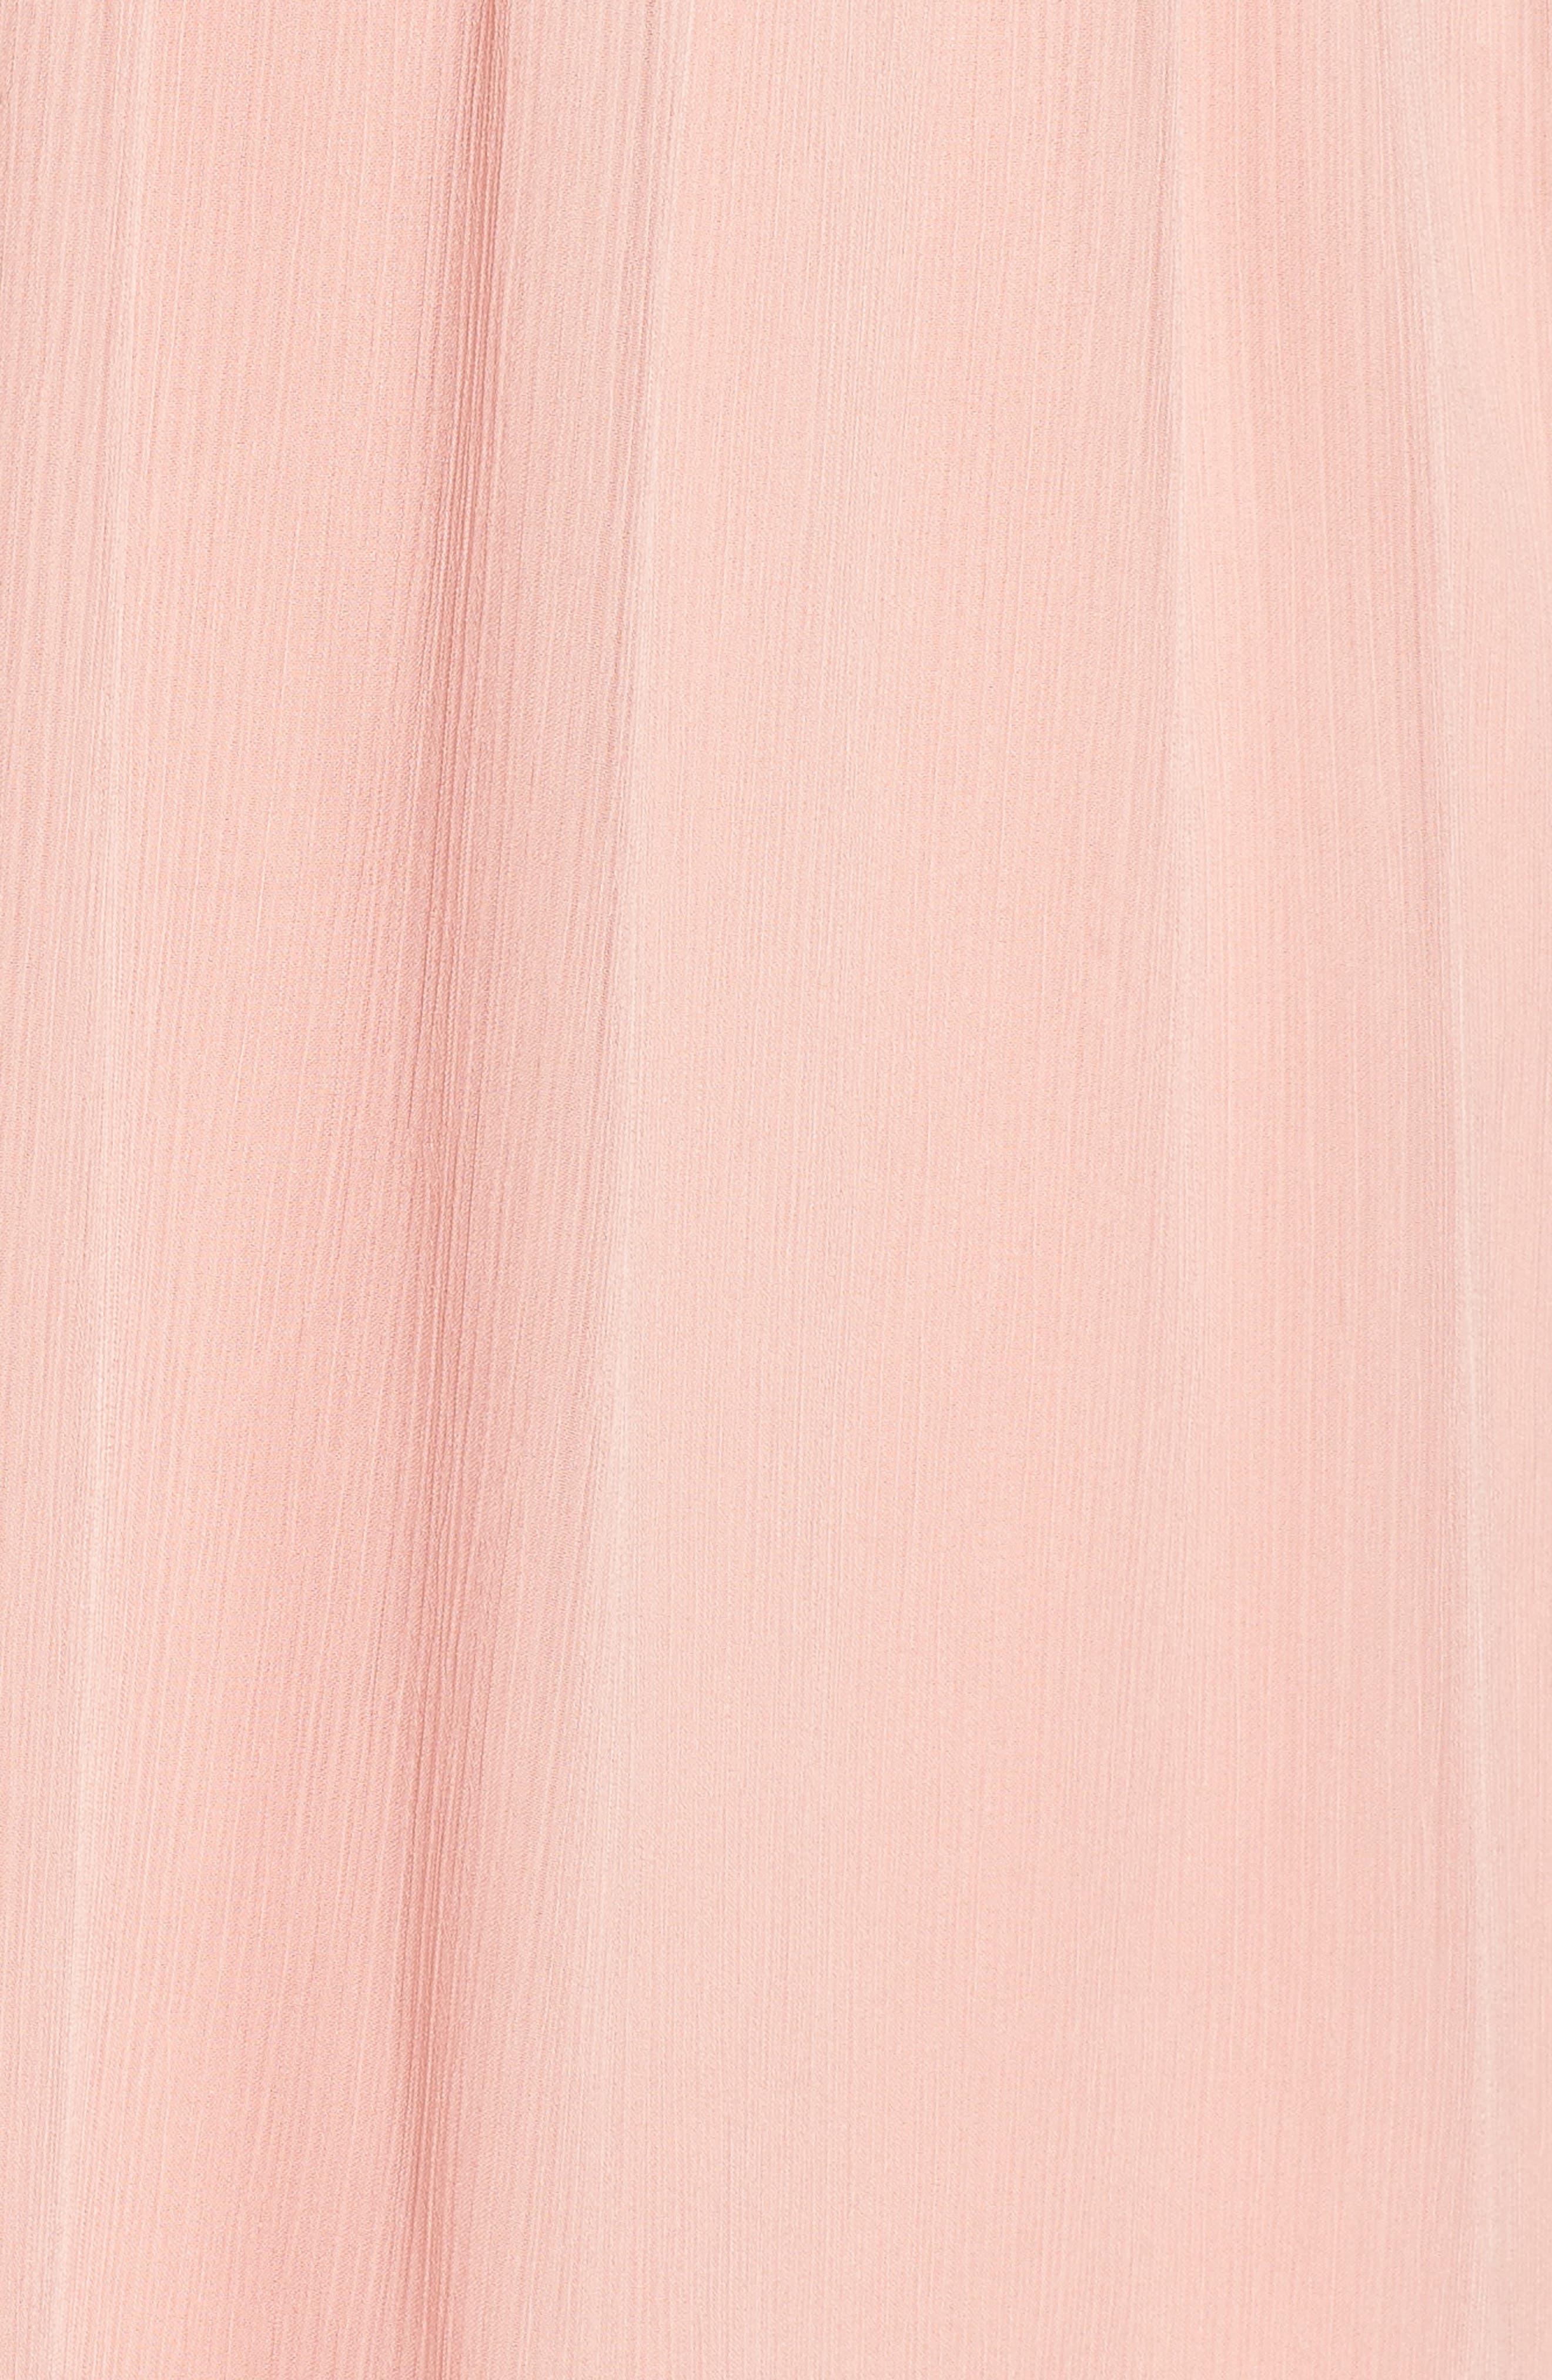 Satin Trim Crinkle Dress,                             Alternate thumbnail 5, color,                             Blush